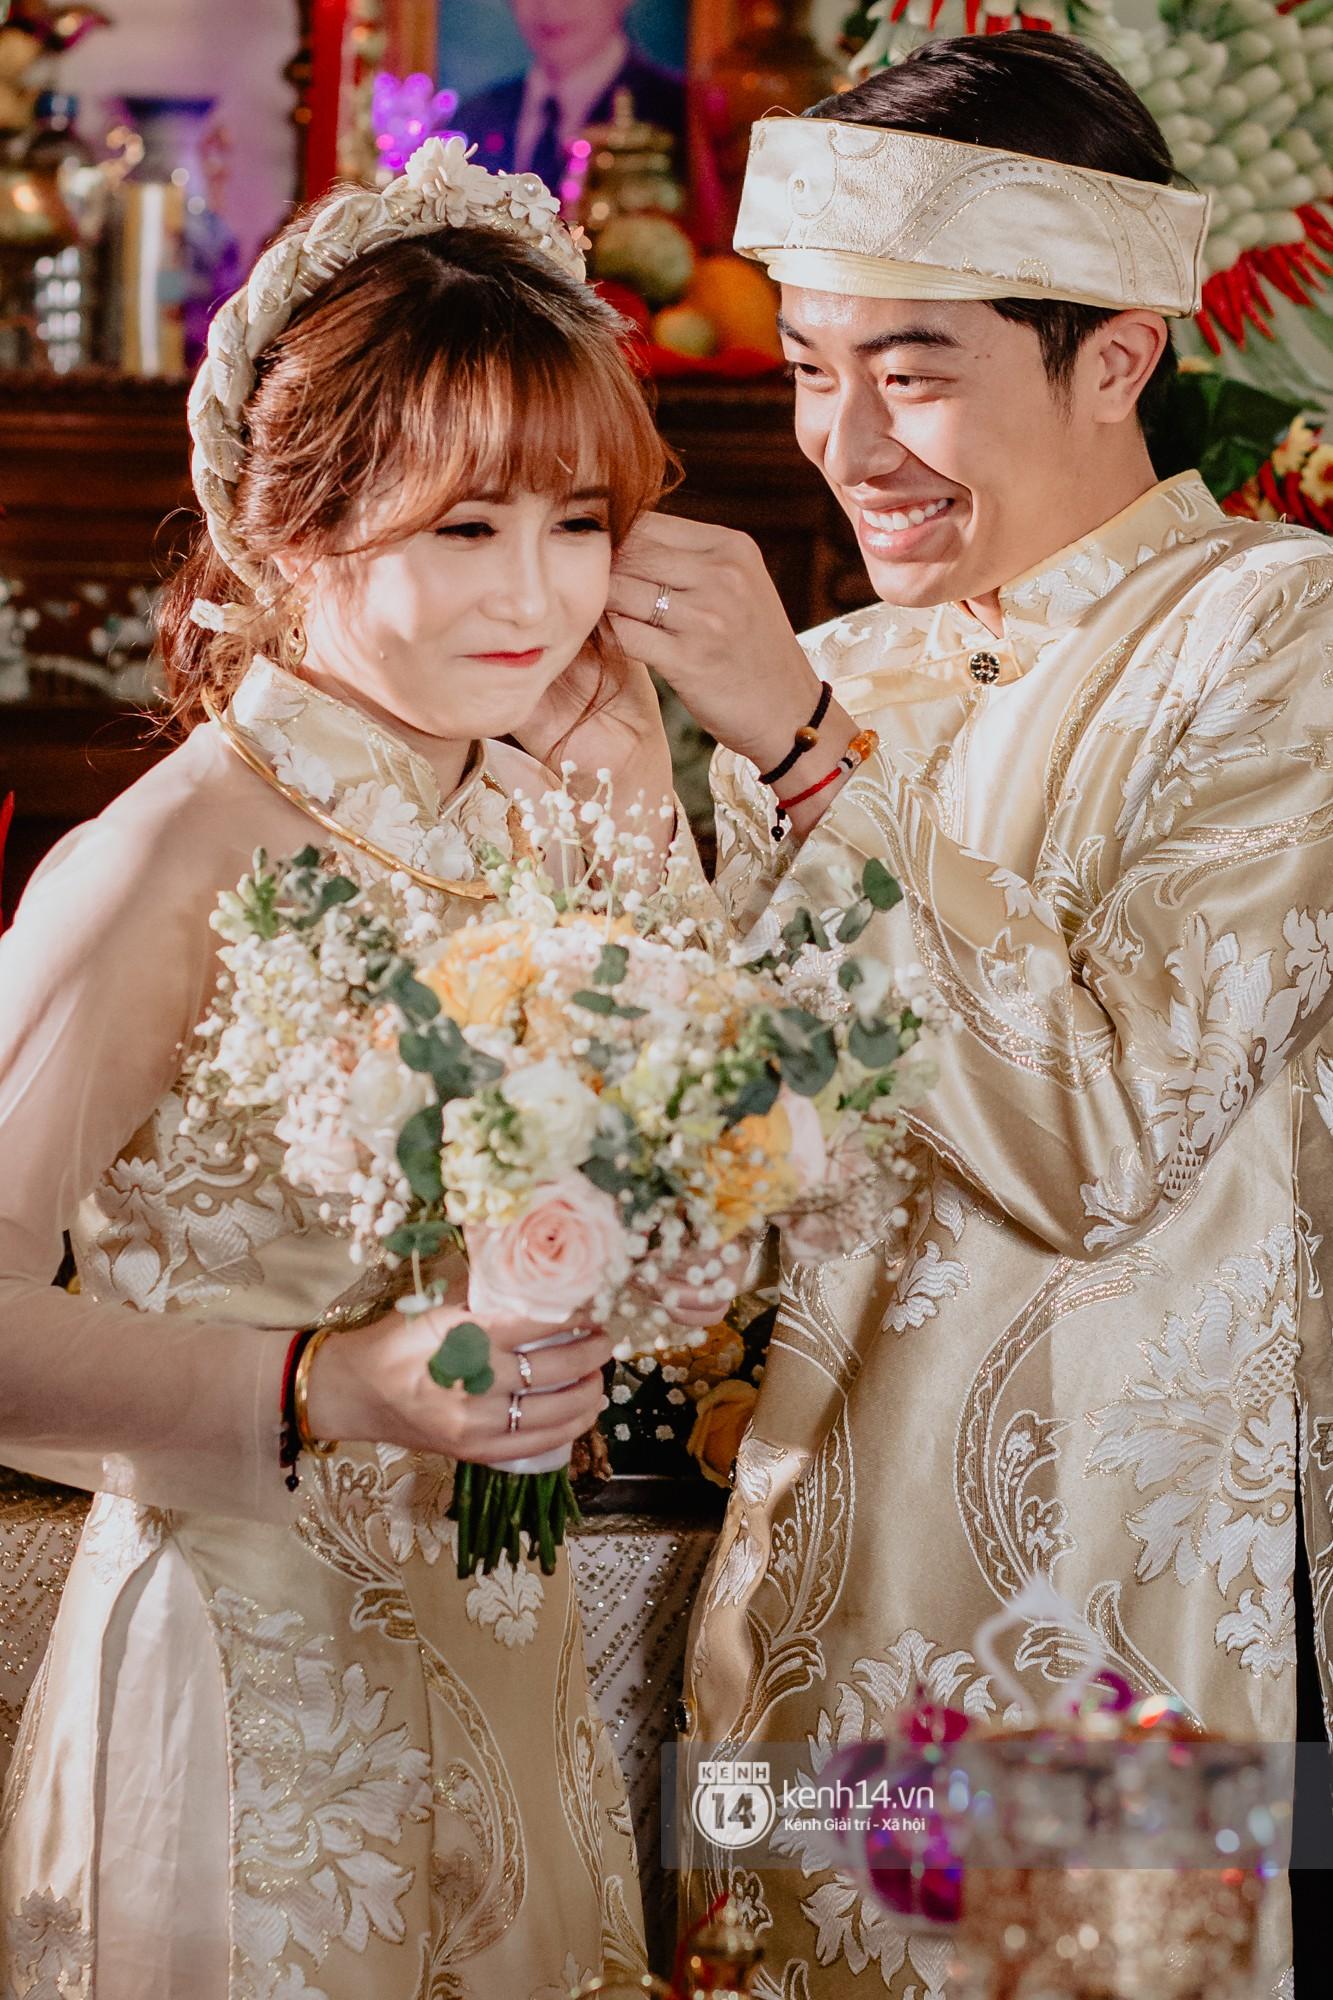 Chùm ảnh rạng rỡ của Cris Phan và Mai Quỳnh Anh trong lễ cưới ở Phú Yên - Ảnh 7.